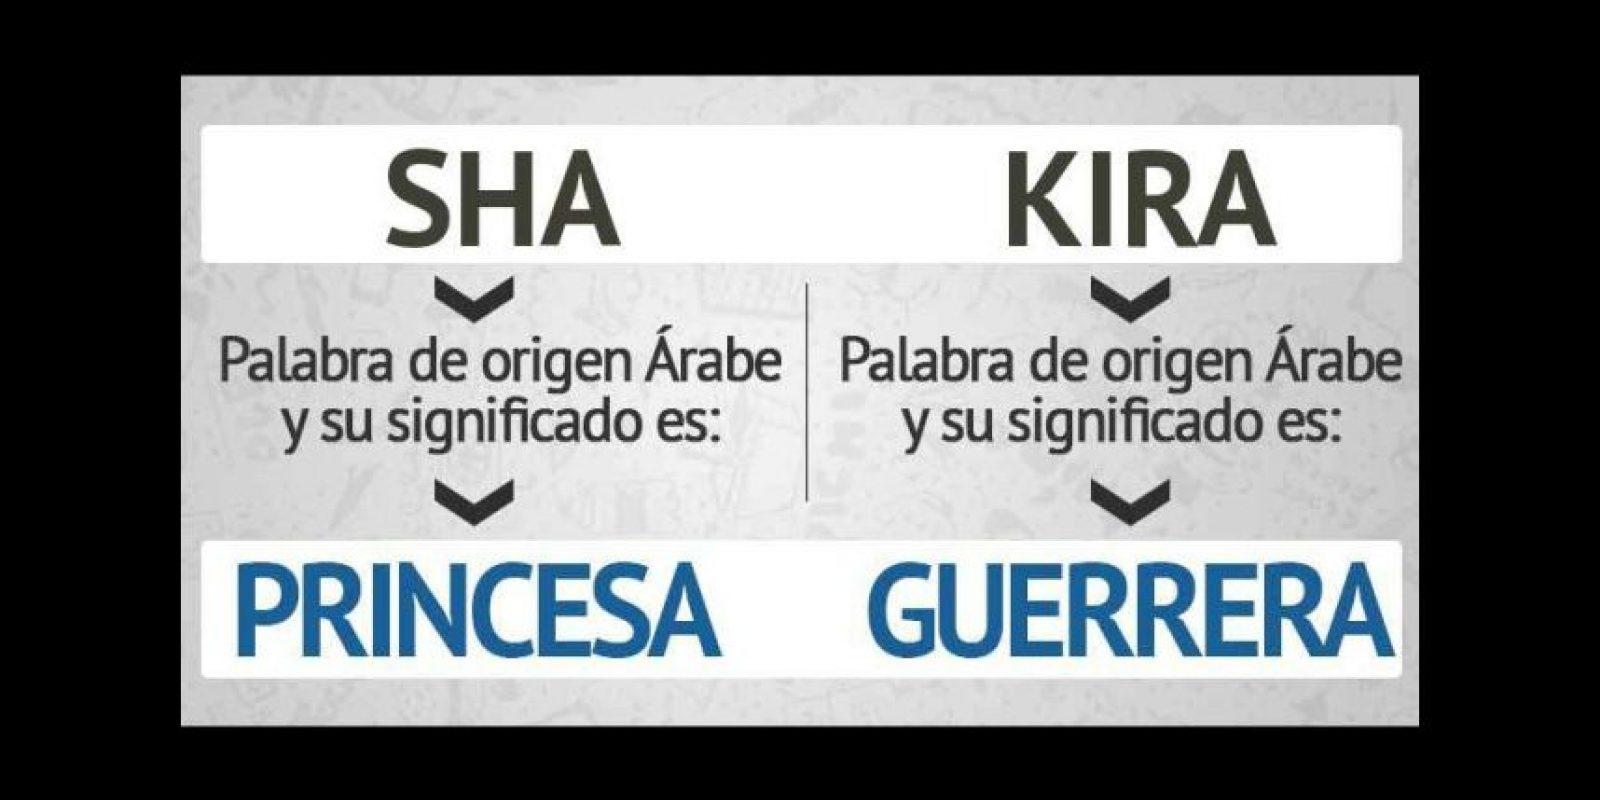 Mismo significado del nombre de la famosa Shakira. Foto:eWikin.com